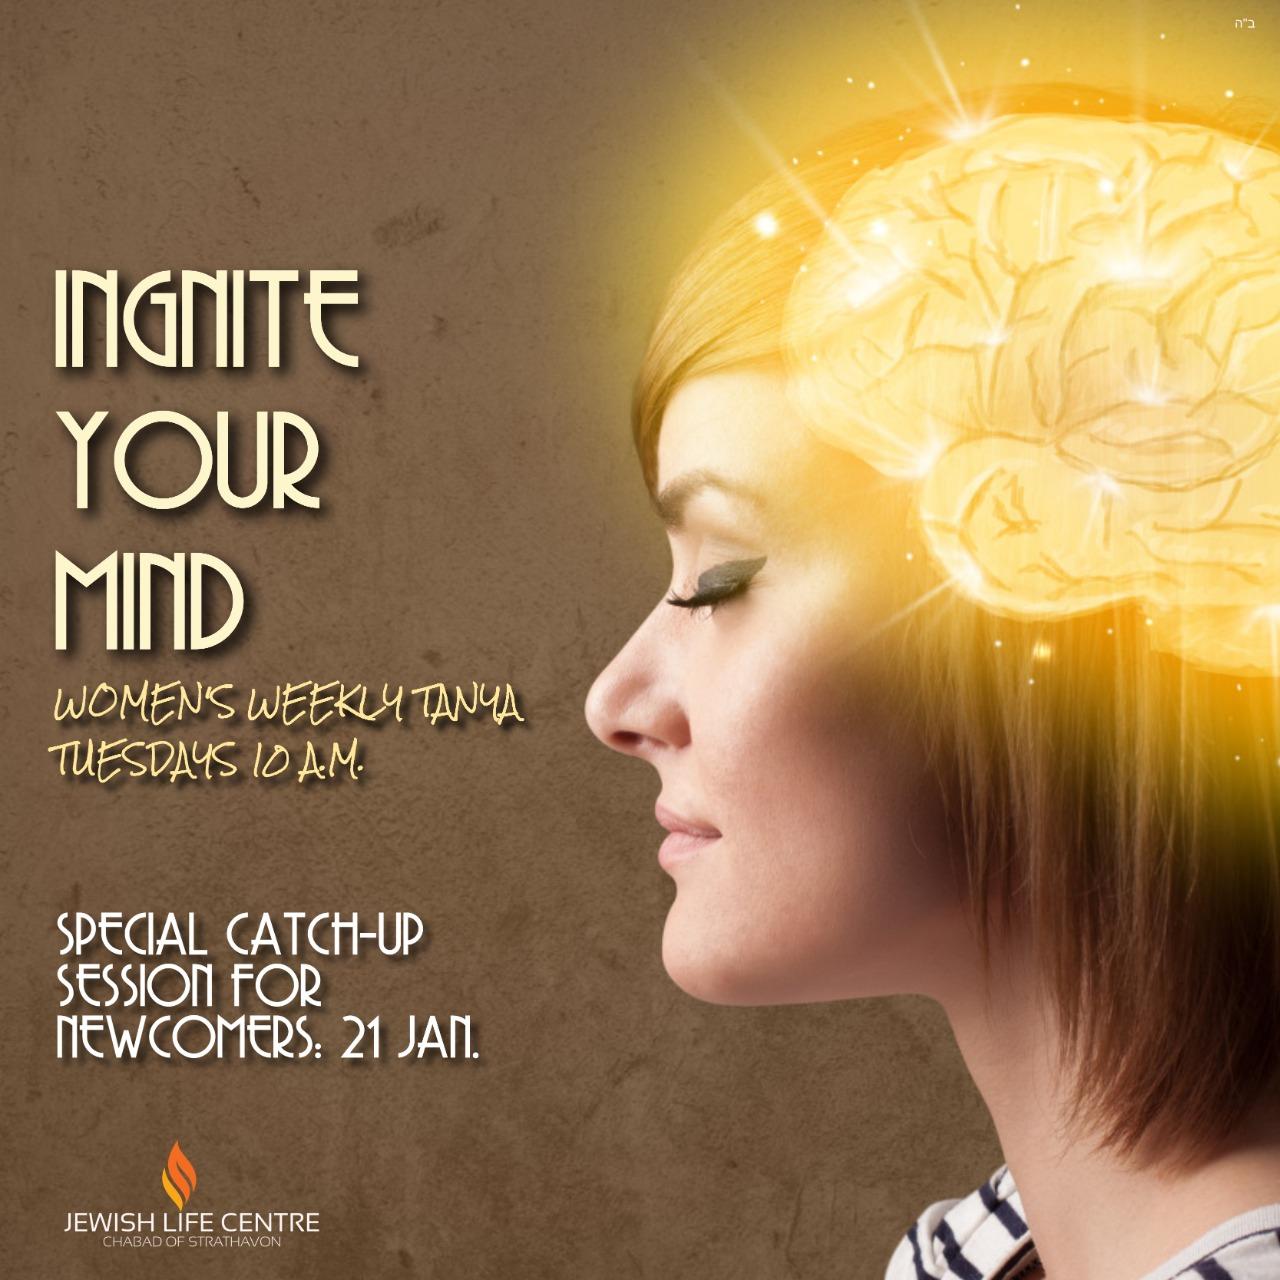 Ignite your mind classes